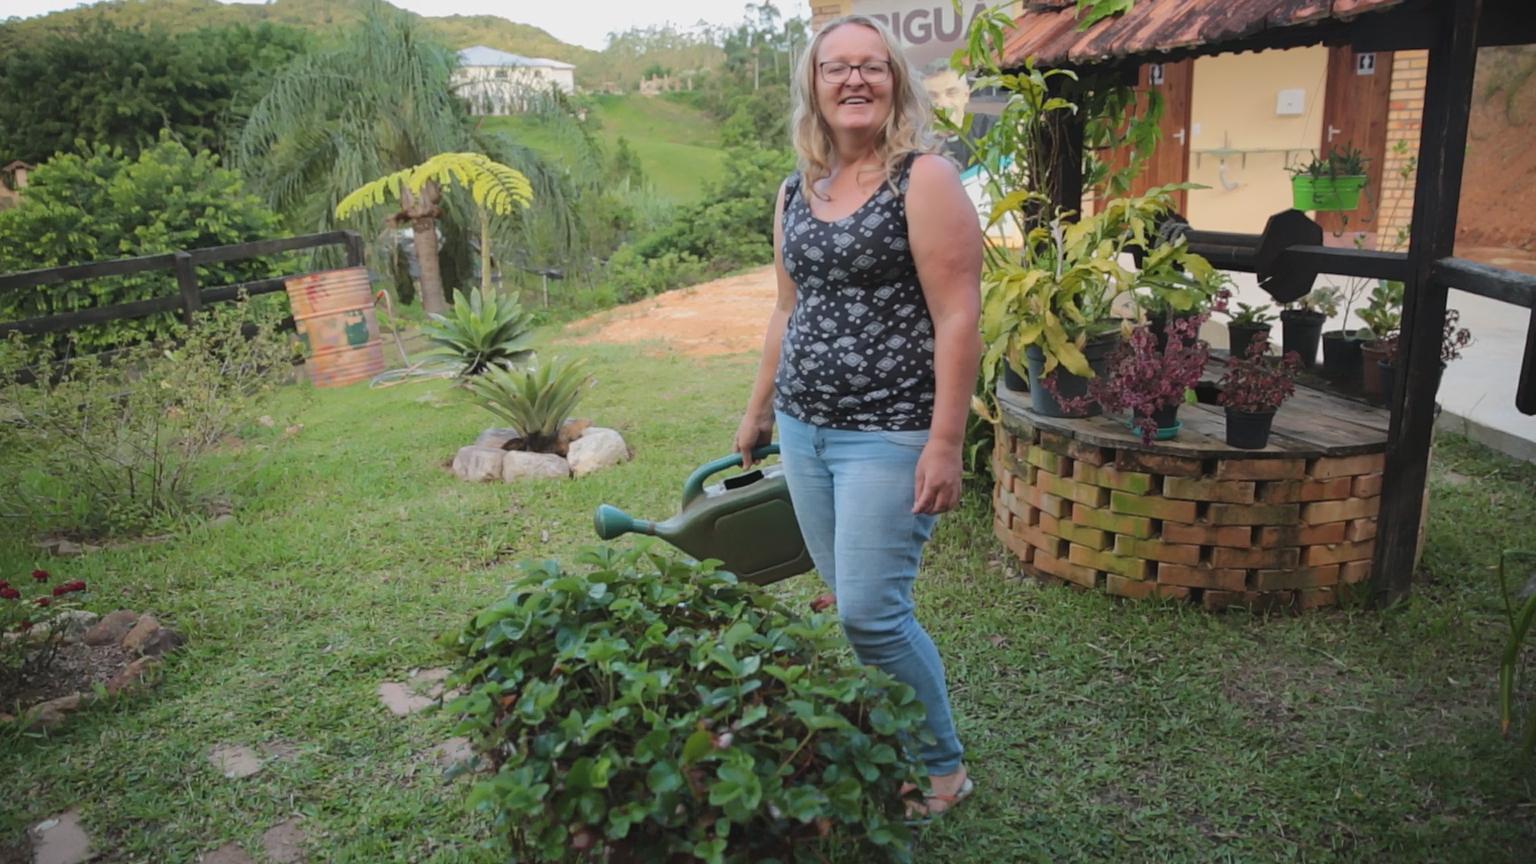 Vanderléia é voluntária na Comunidade Bethânia; uma depressão profunda a levou até padre Léo